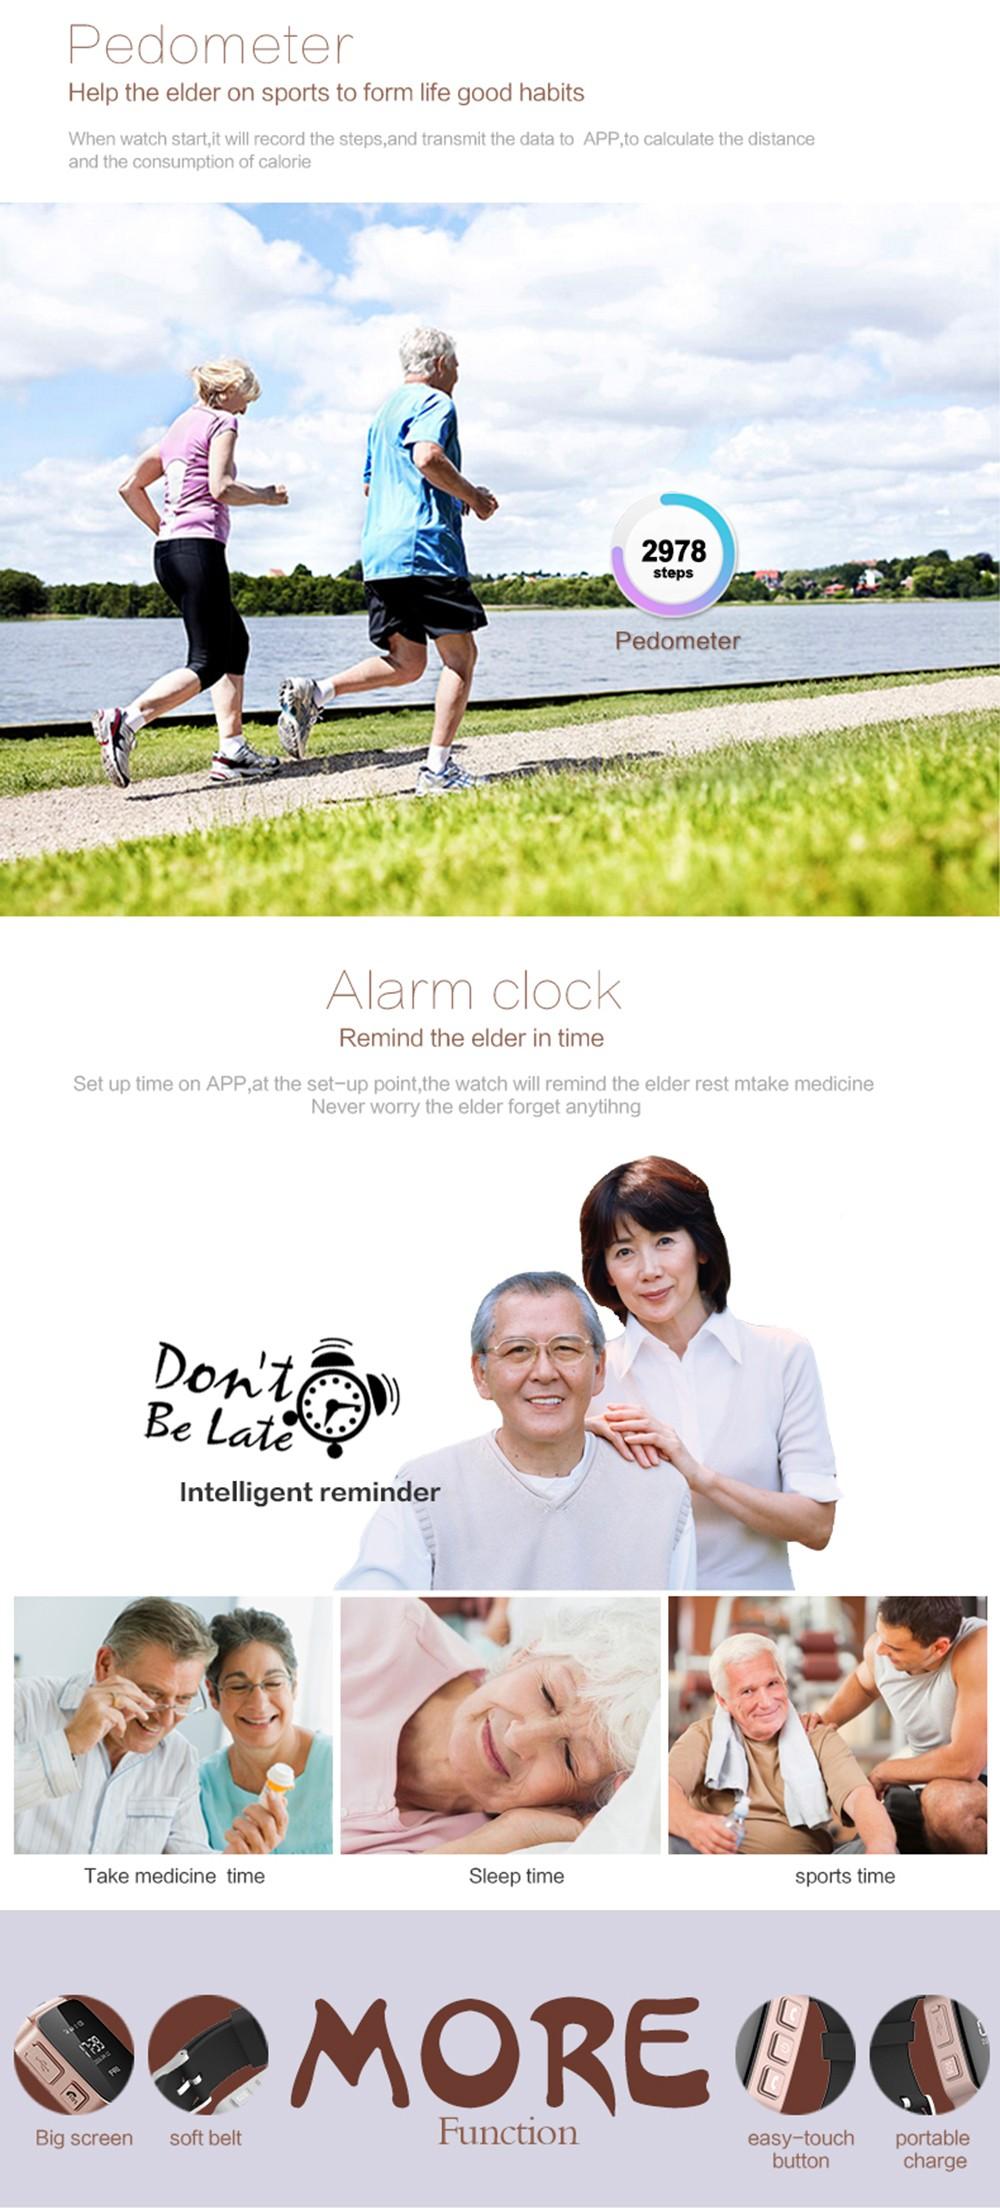 ถูก แบรนด์ใหม่D99 0.96 ''หน้าจอOLEDผู้สูงอายุสมาร์ทติดตามนาฬิกาจีพีเอสที่มีนาฬิกาปลุกอินเตอร์คอมPedometer SOSภูมิศาสตร์รั้วการตรวจสอบระยะไกล.